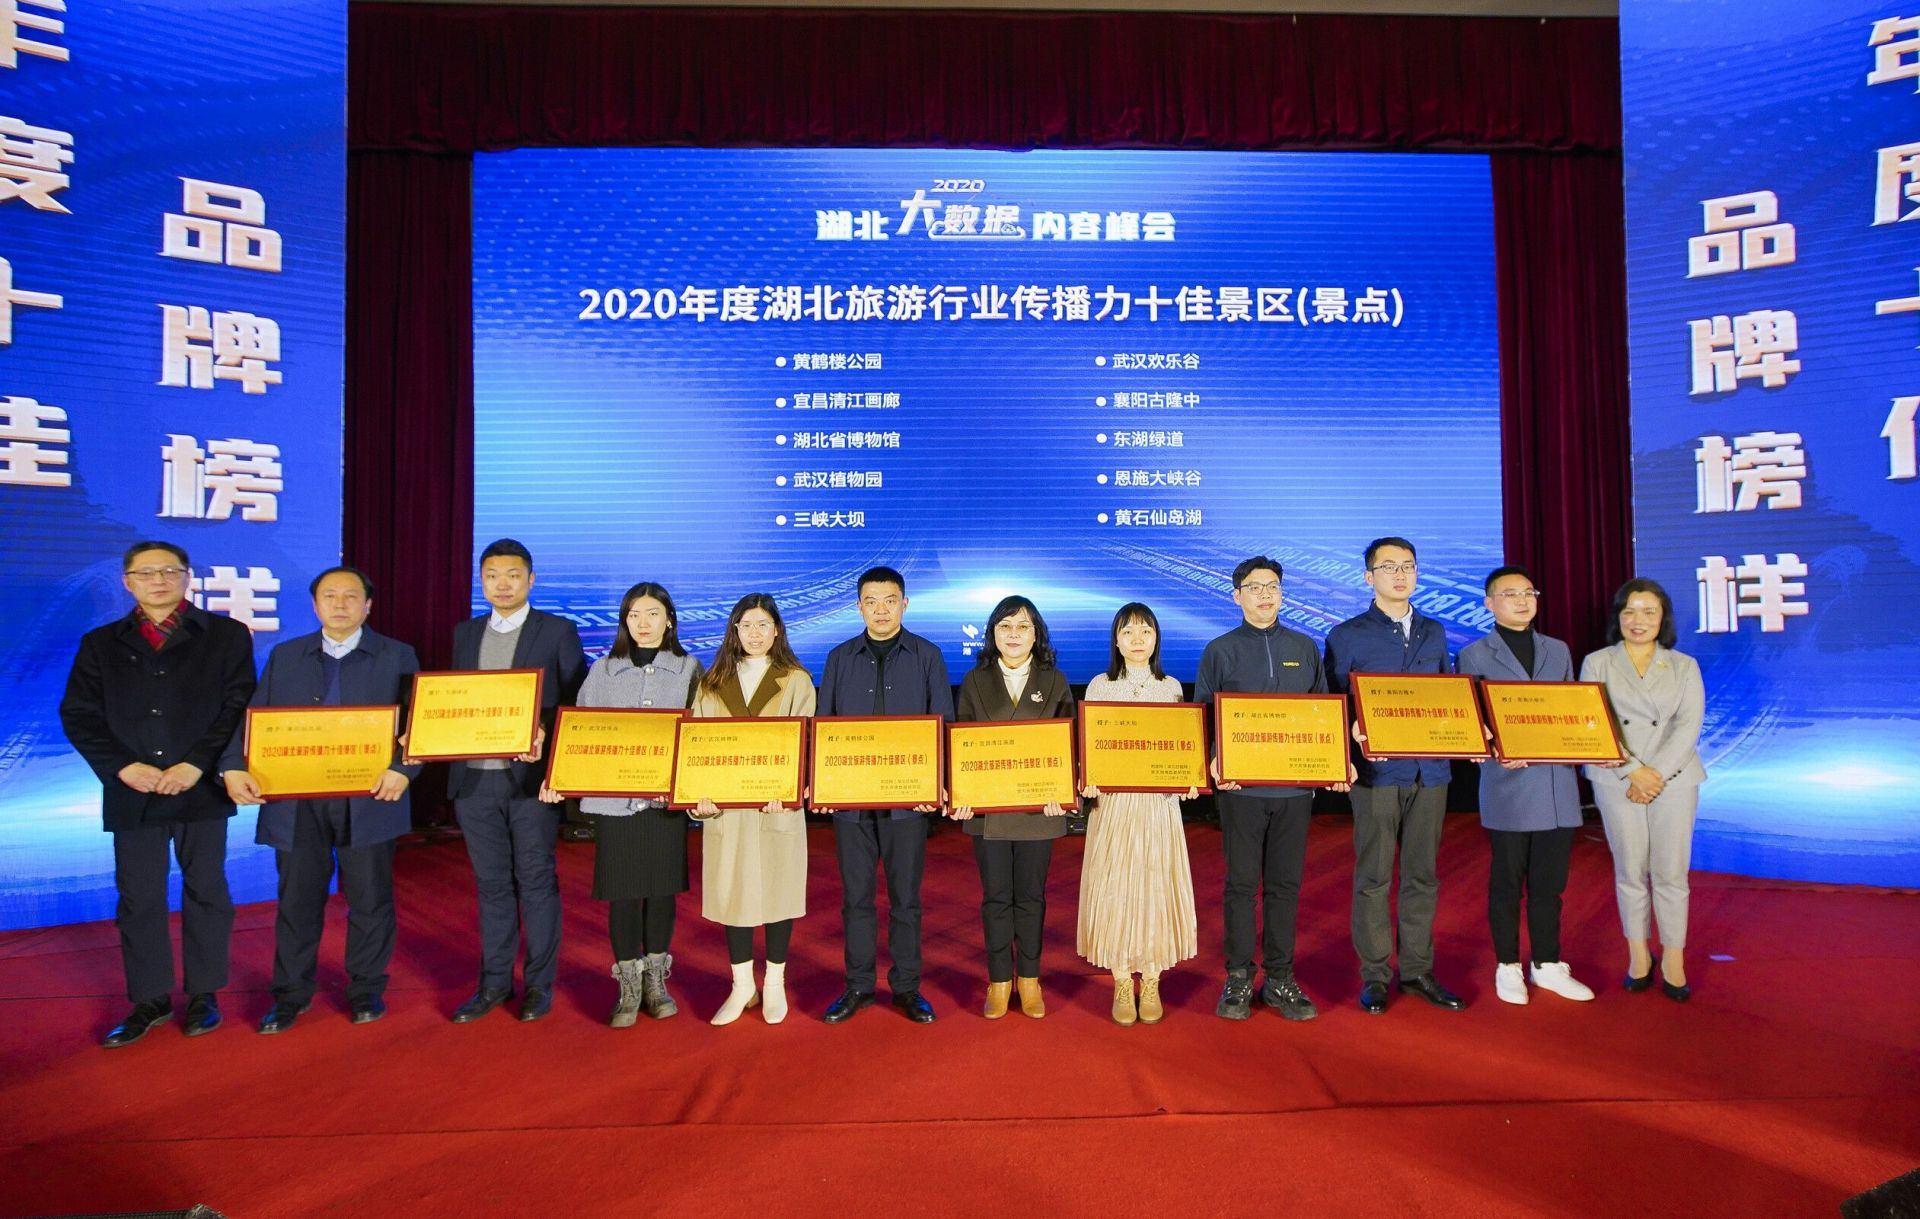 2020年度湖北旅游行业传播力十佳景区揭晓 重燃荆楚生机